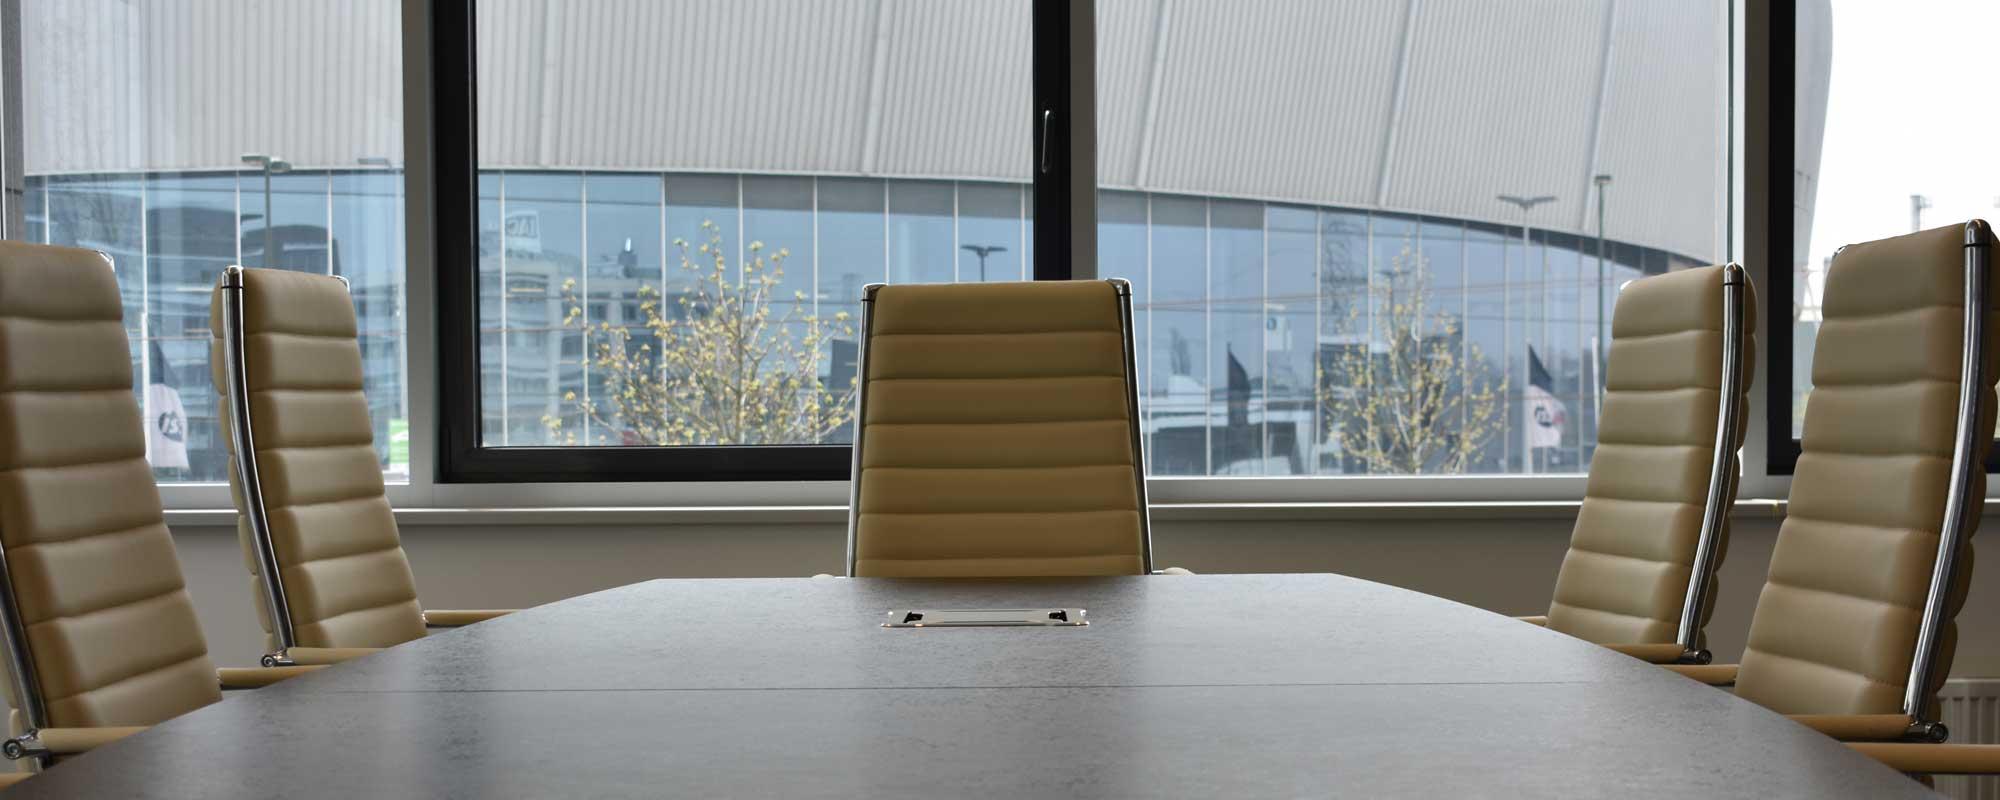 Raum für Videokonferenzen mit integriertem Komtech Tischanschlußfeld Skytower für einfachste Präsentationseinblendung